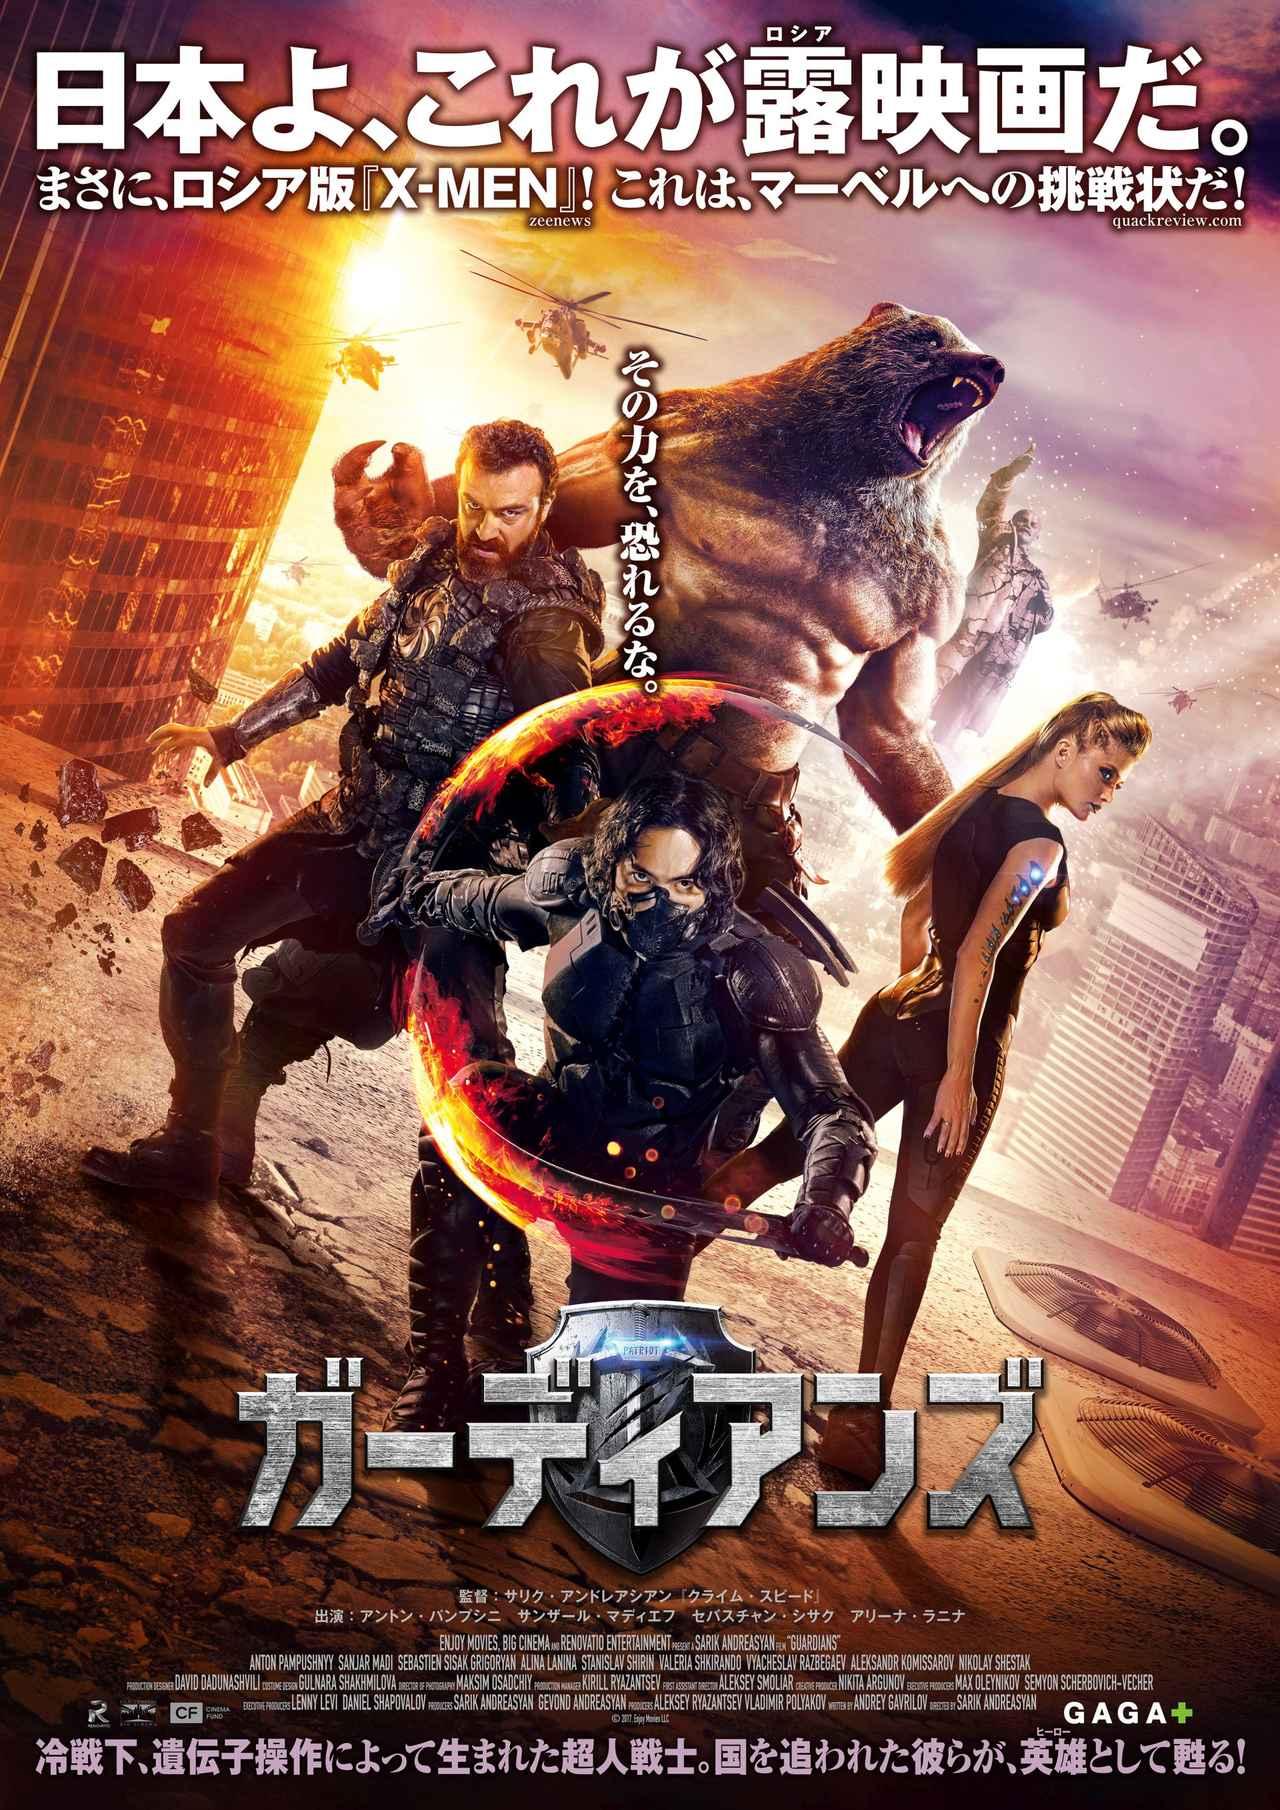 画像: 本国ロシアで興行収入初登場No.1を飾ったスーパーヒーロー映画